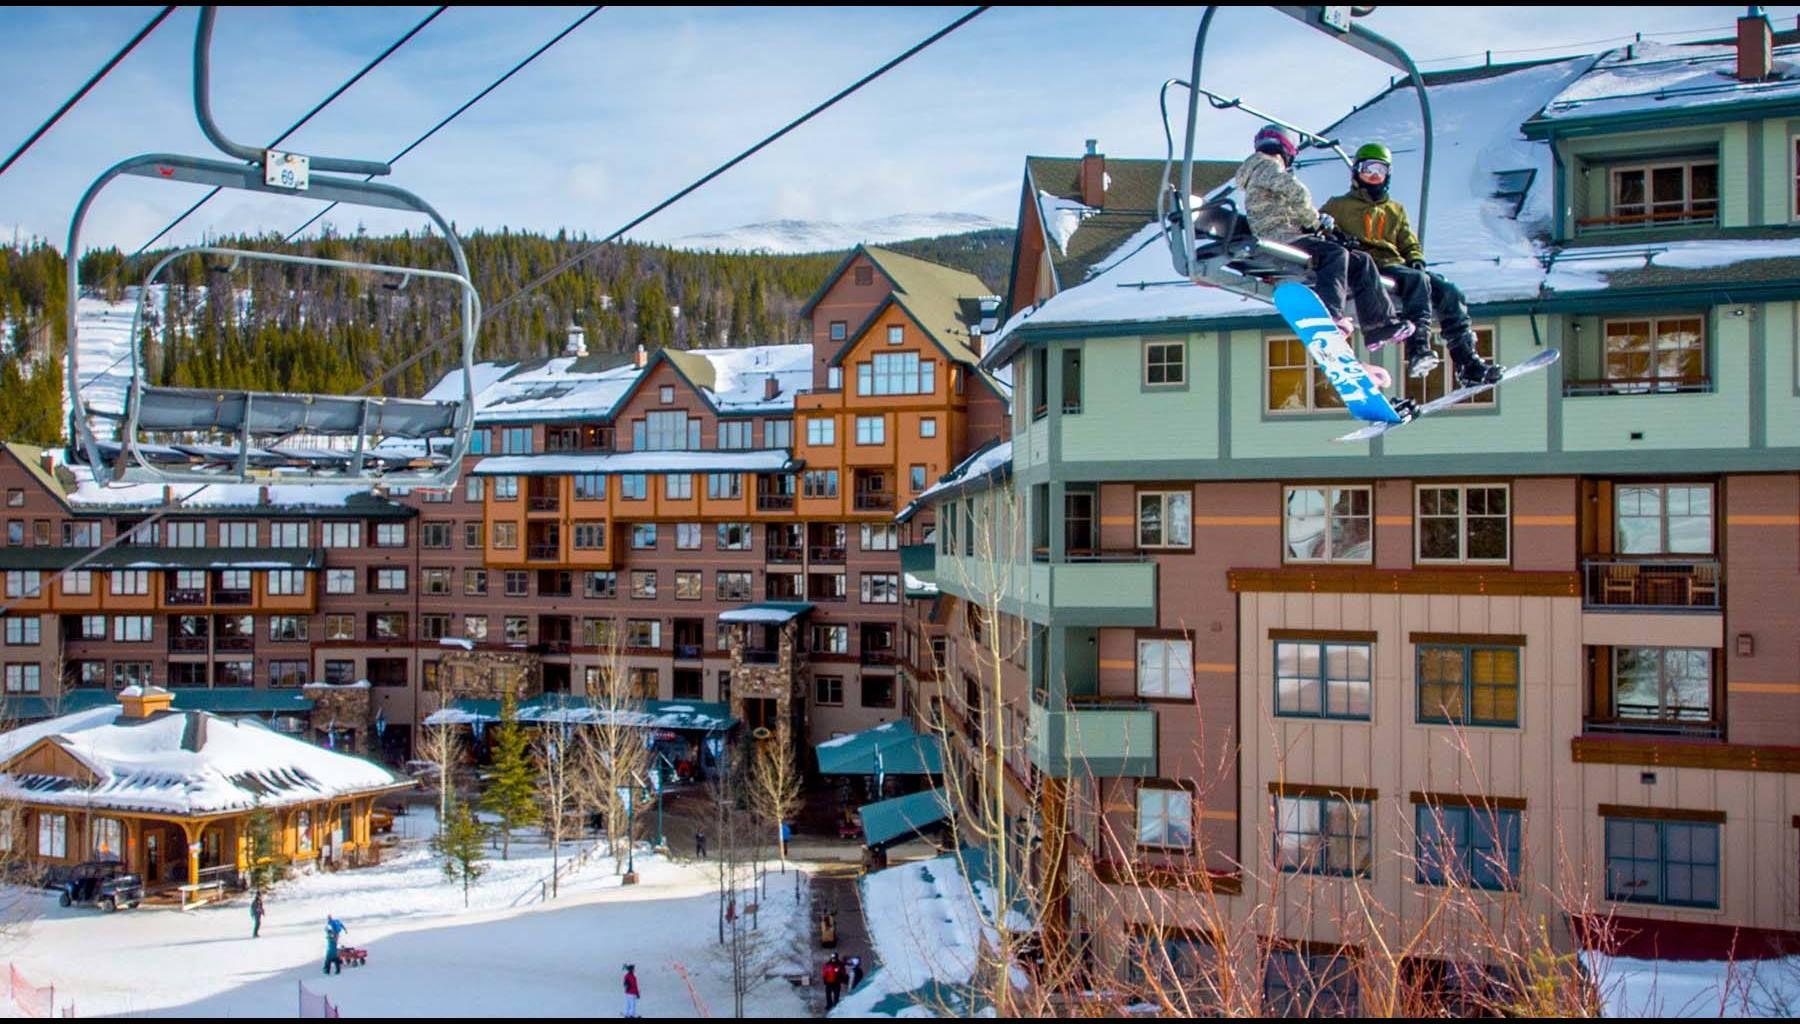 Zephyr Mountain Lodge Winter Park Winter Park Colorado Colorado